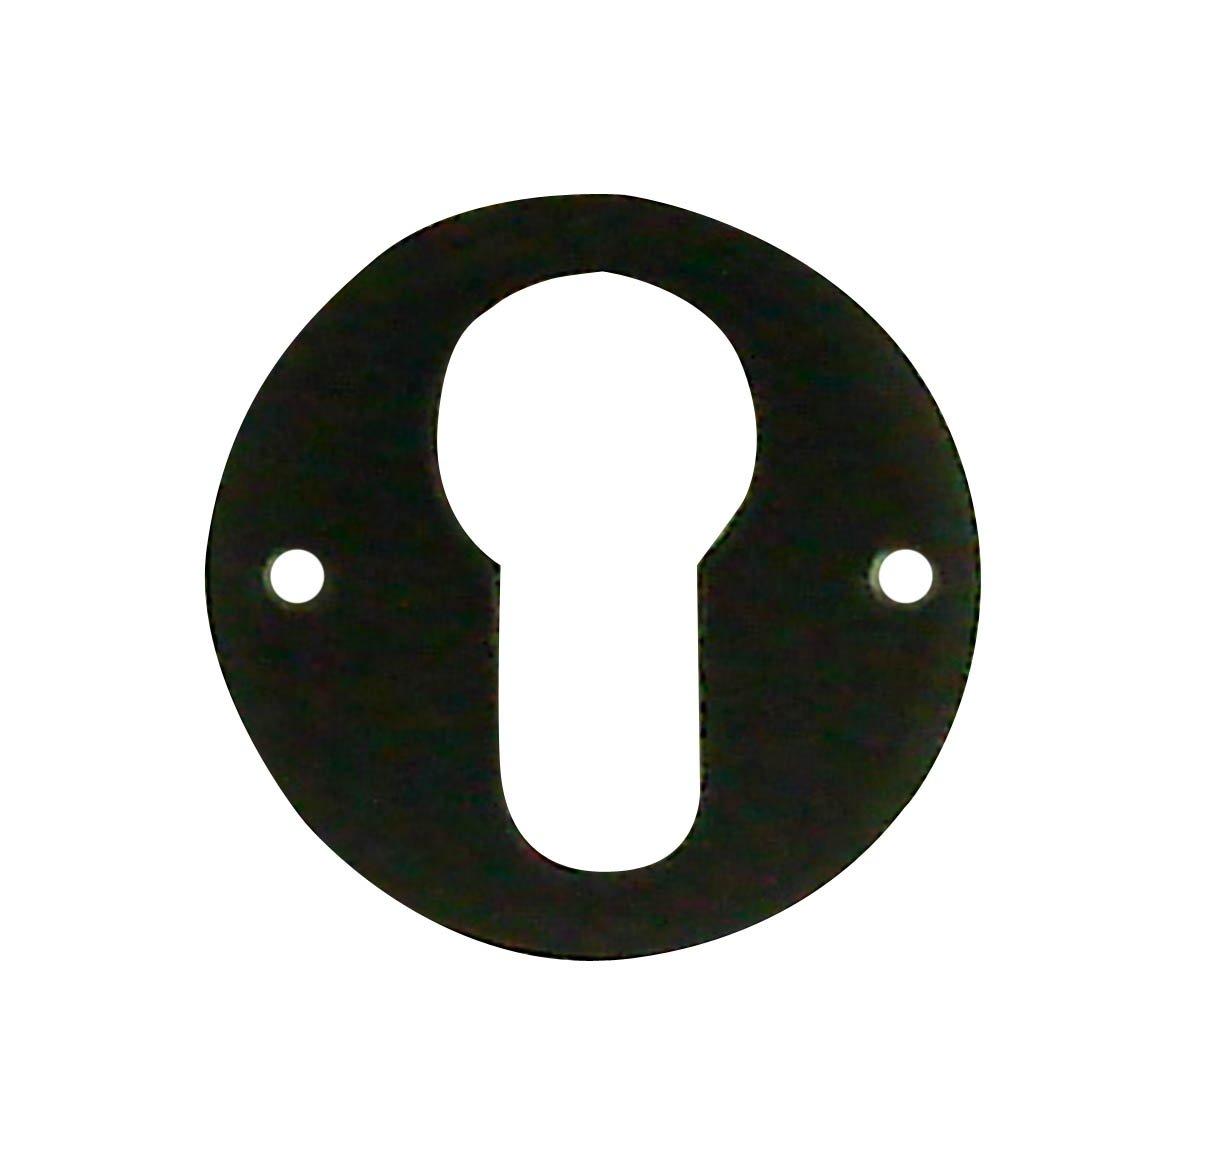 DT 2000 161482 - Juego de 2 rosetones cilí ndricos de hierro, color negro